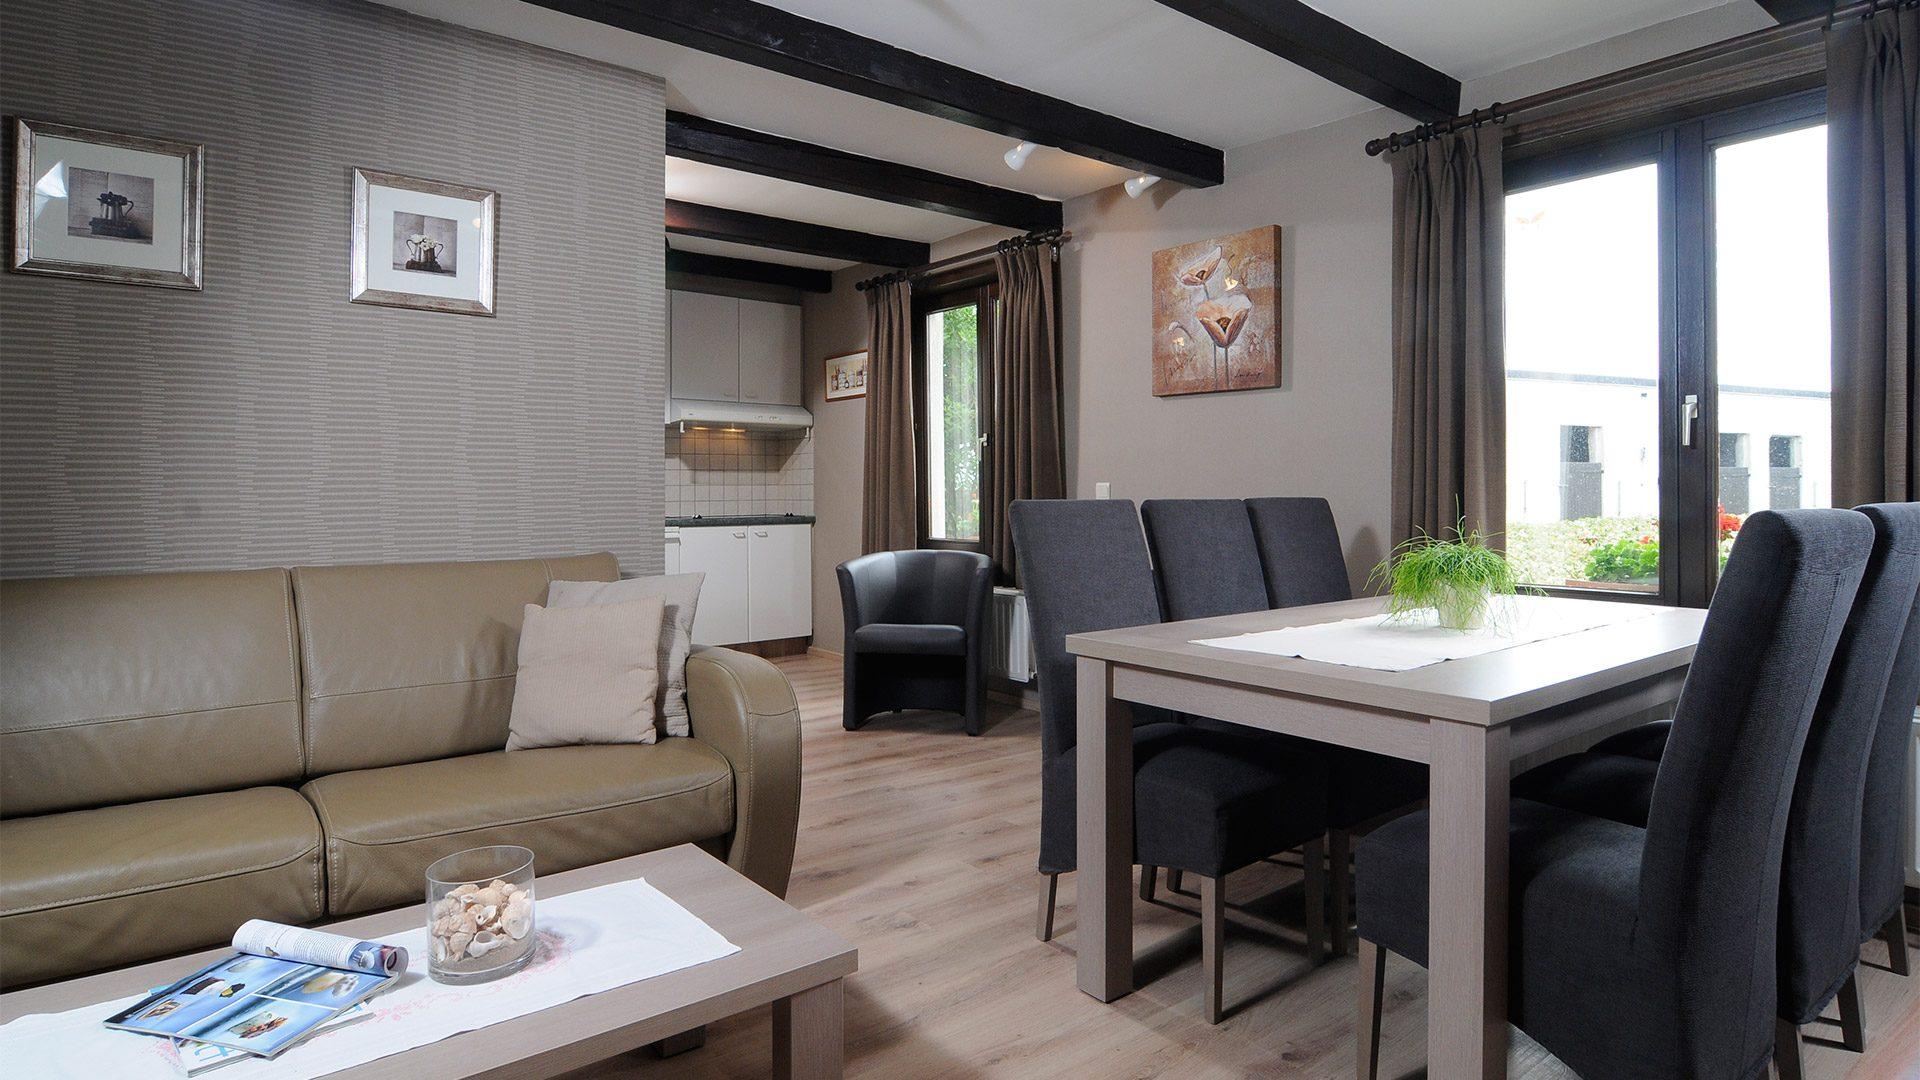 Comfort vakantiewoning - De Kruishoeve